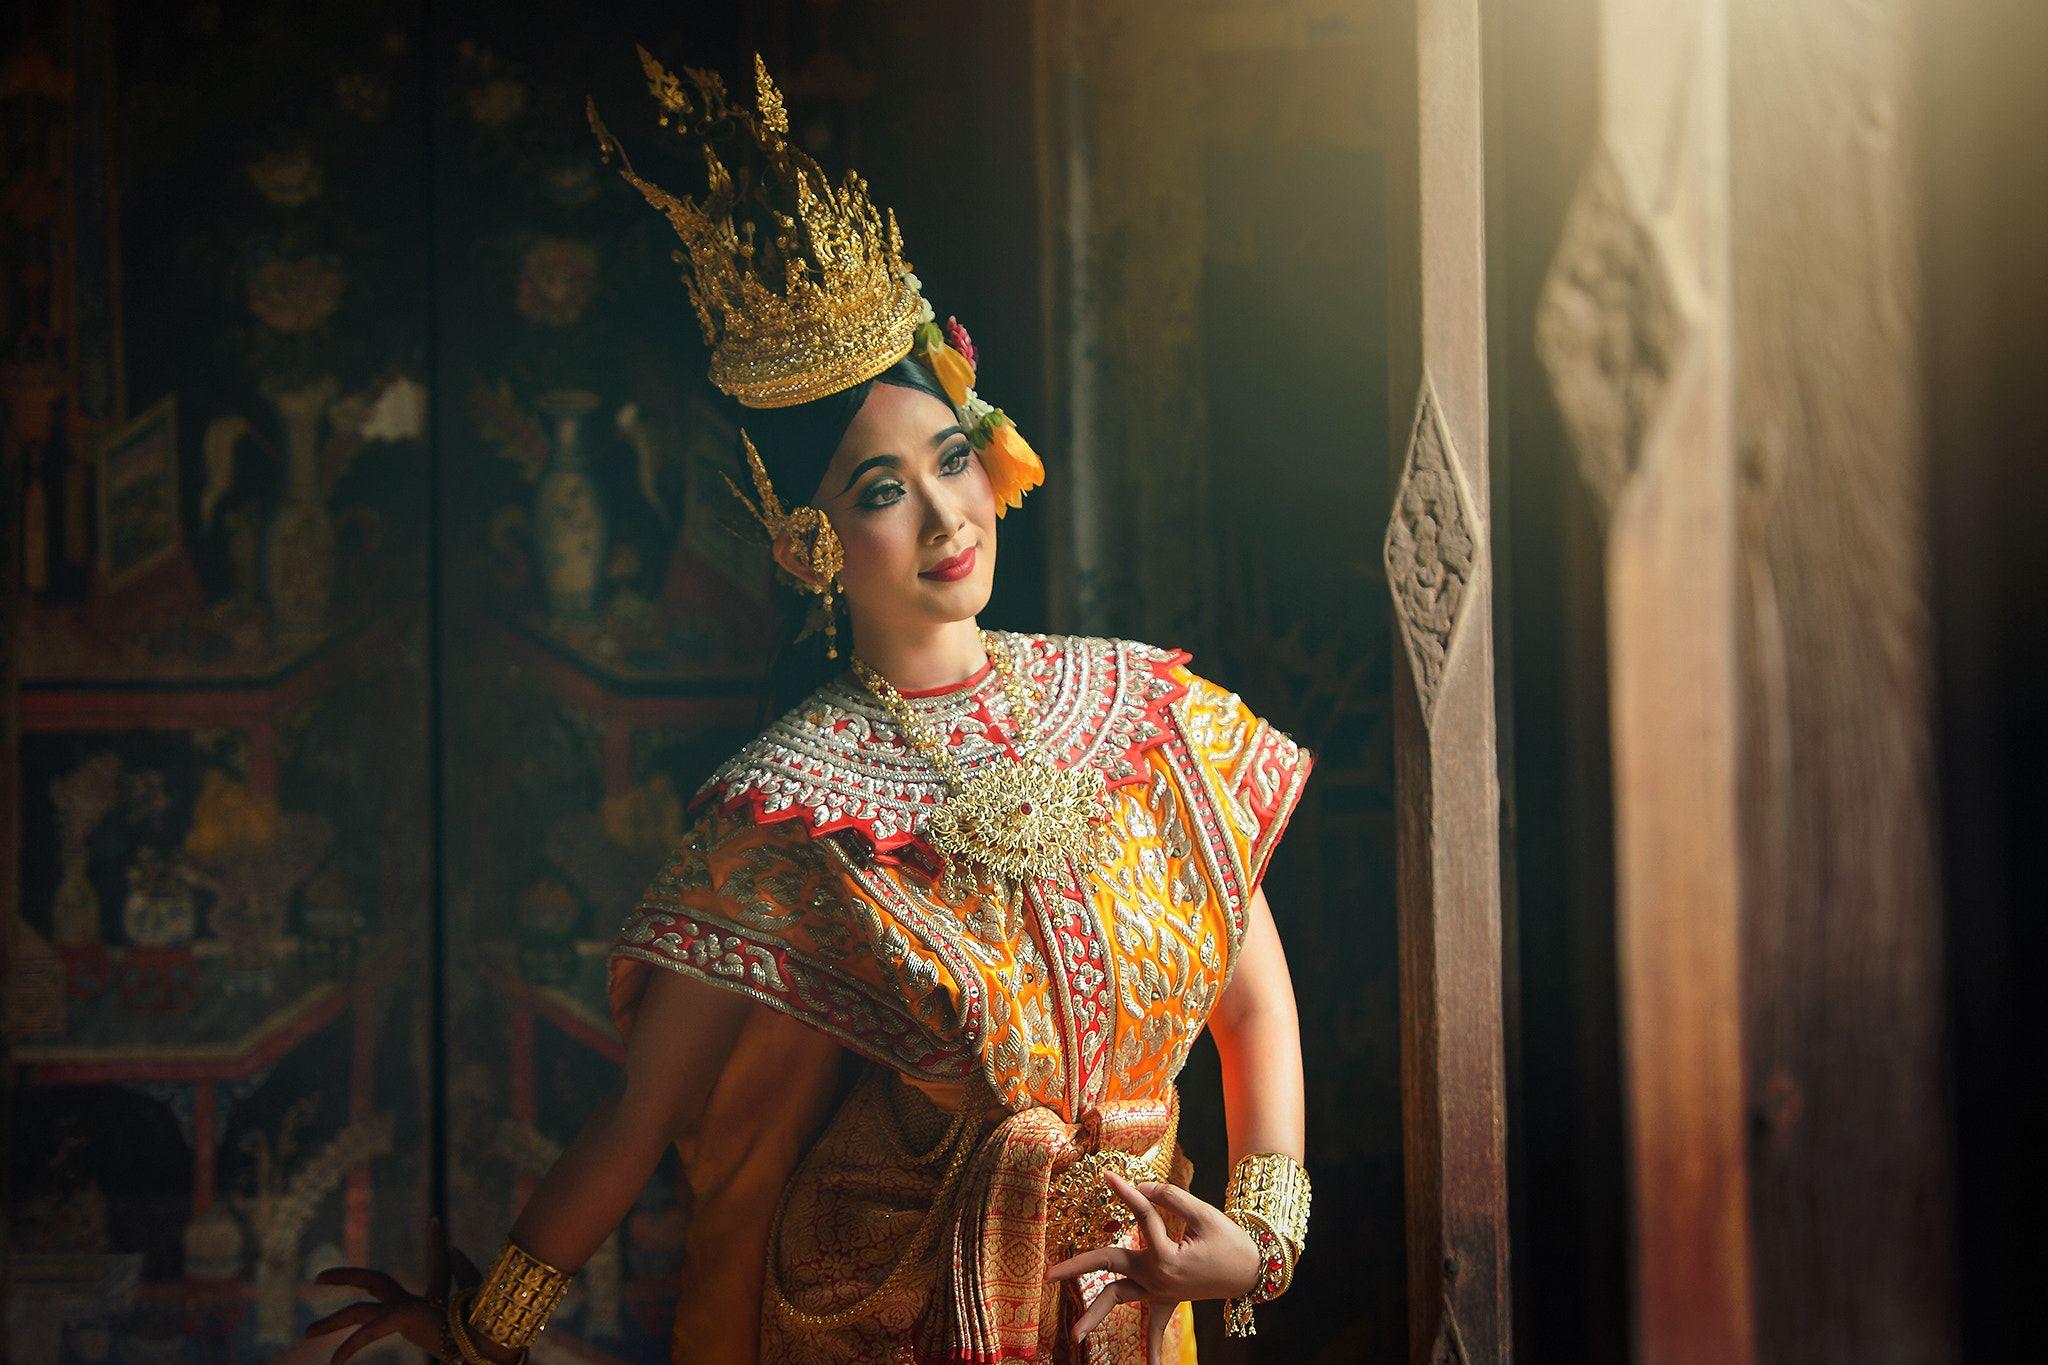 b3c07ea61 Khon Thailand traditional culture, - Khon,Art culture Thailand Dancing in  masked khon Benjakai in literature amayana,thailand,thailand culture, thailand khon ...